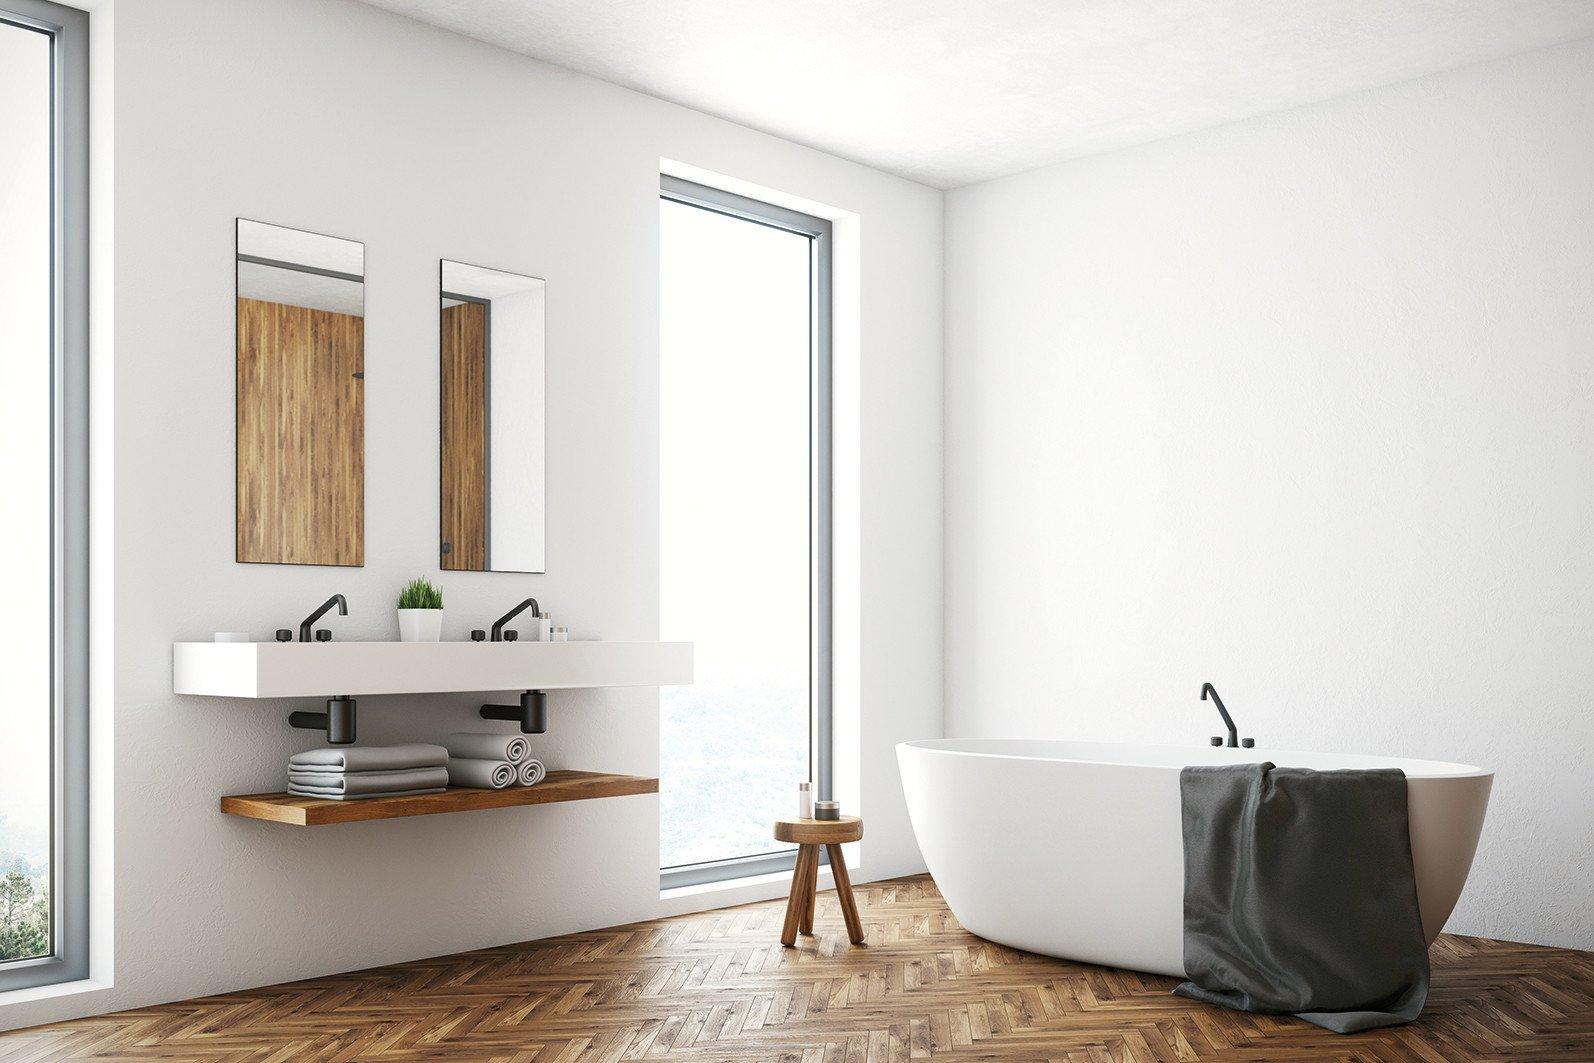 Antibakterielle wand und deckenfarbe gesund bauen news produkte baunetz wissen - Badezimmer deckenfarbe ...